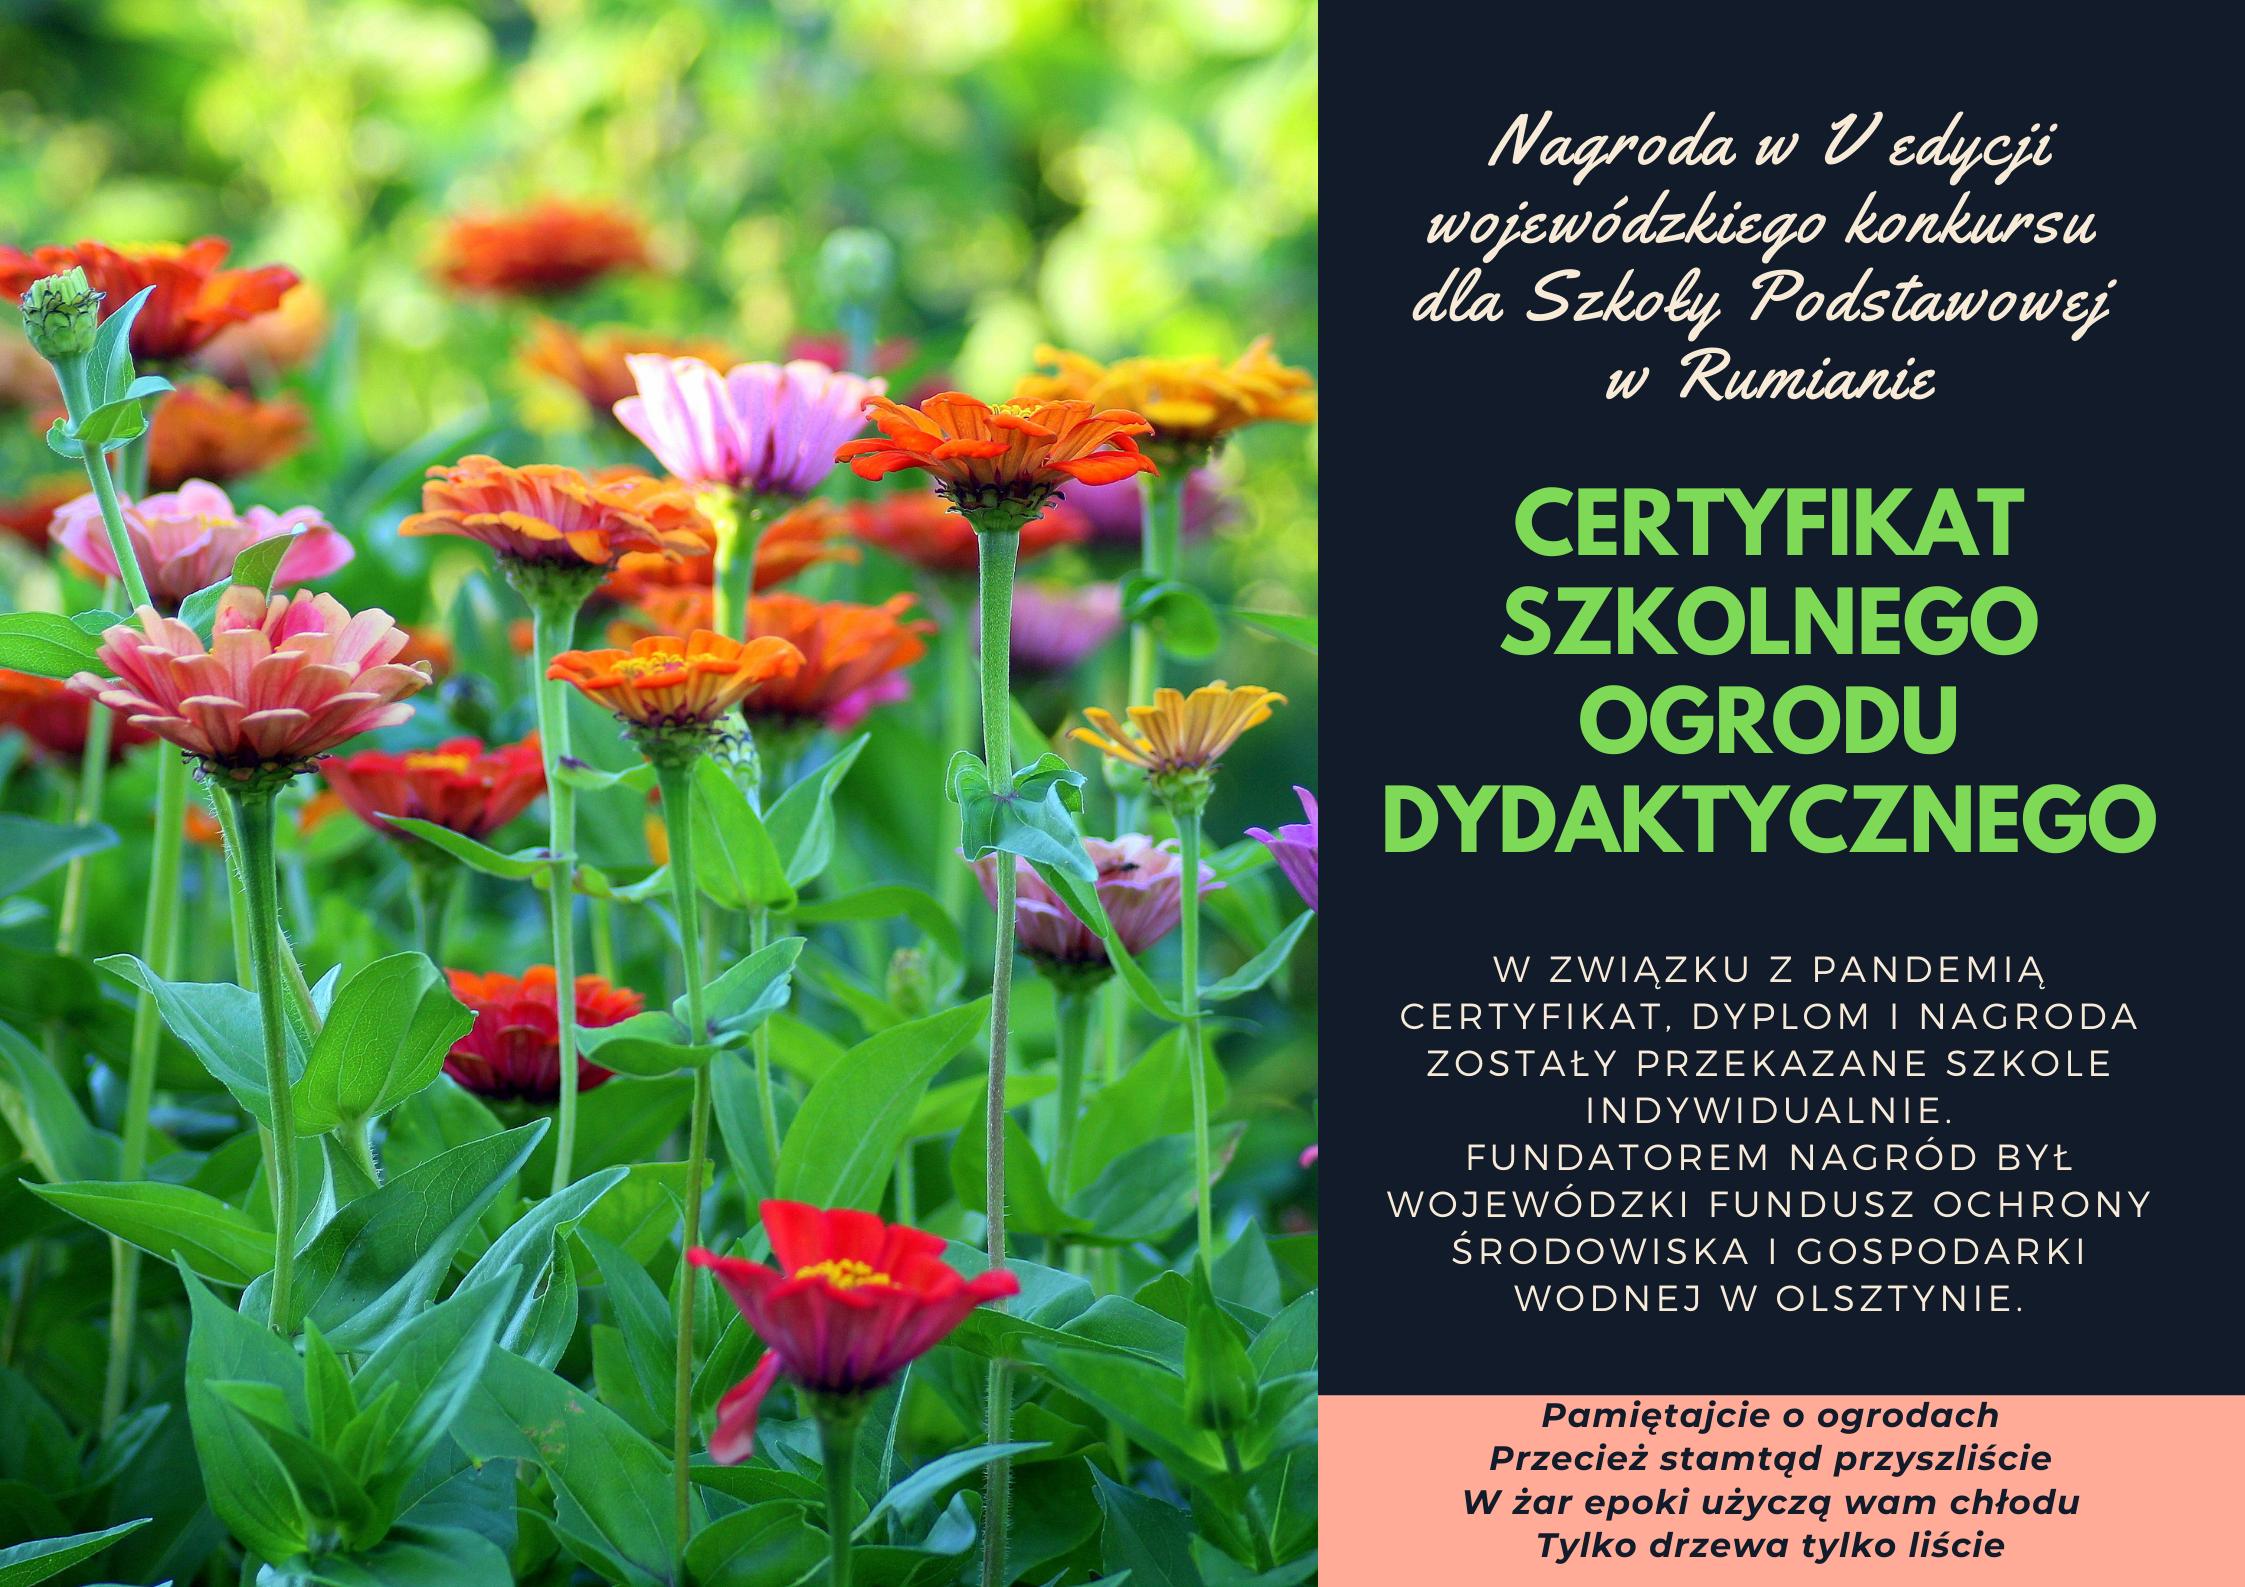 Certyfikat Szkolnego Ogrodu Dydaktycznego